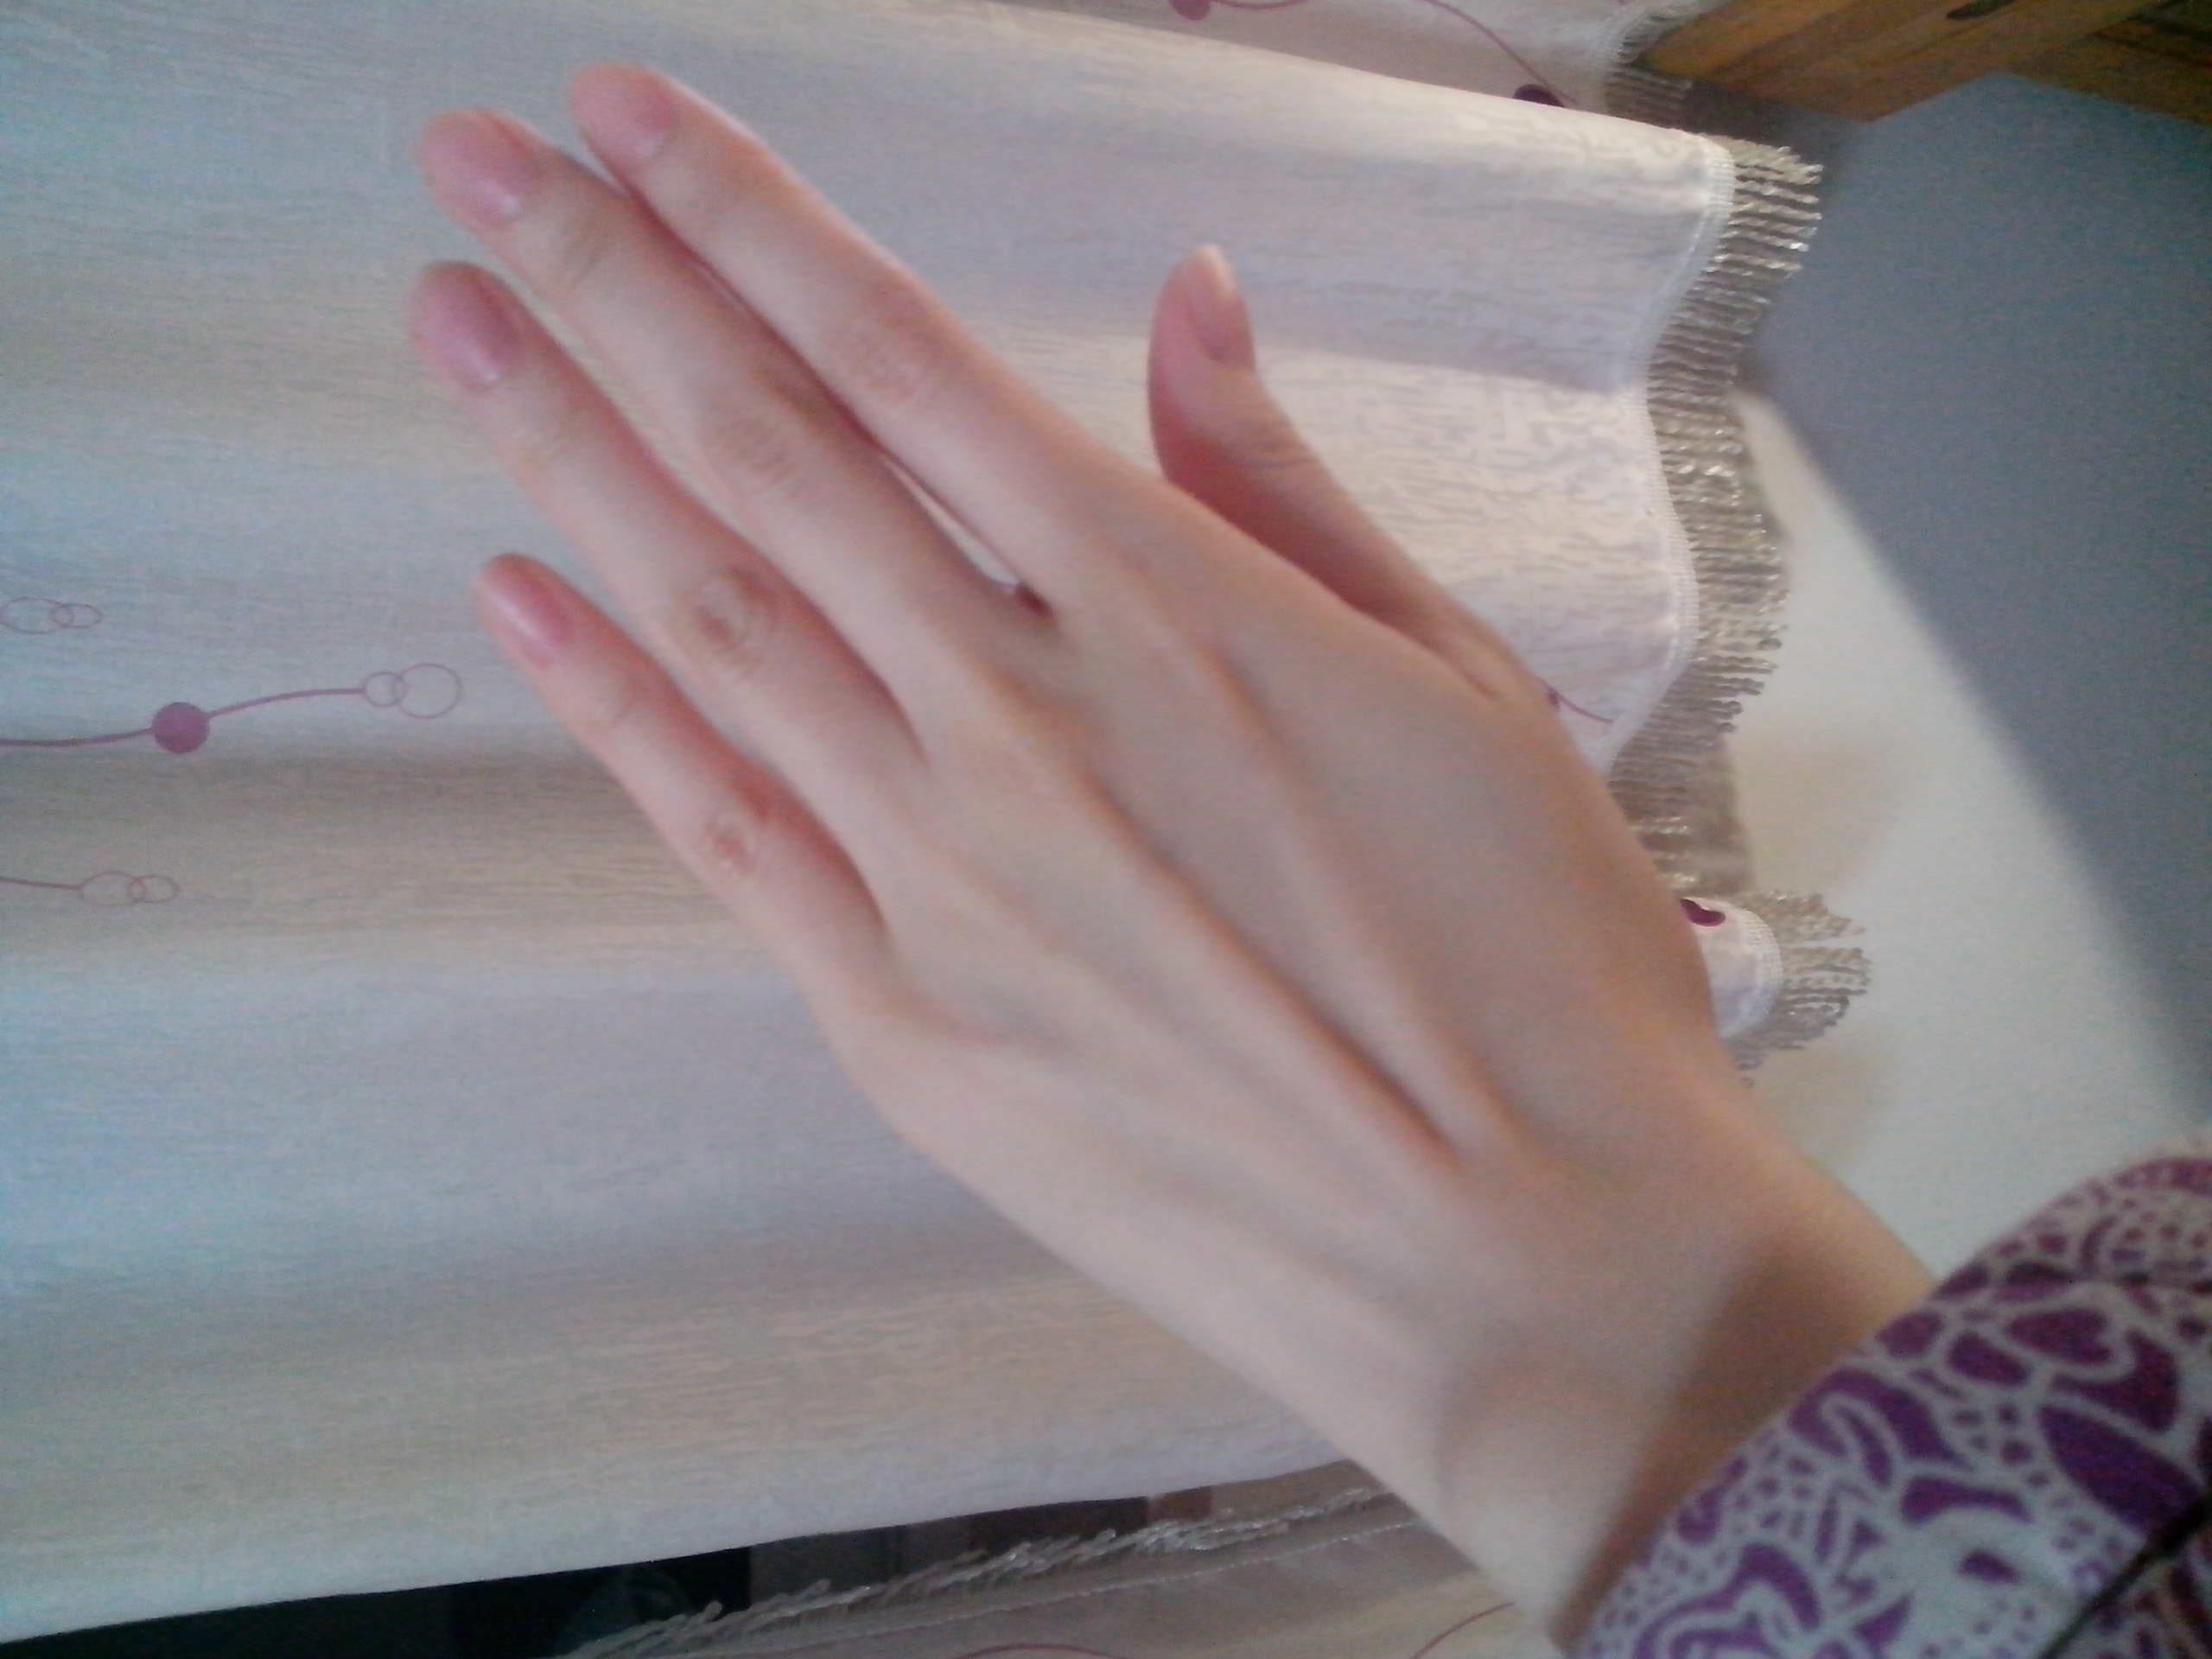 亚洲女嫩鲍_我是女,为什么别的女人看到我的手时,都会说我手漂亮